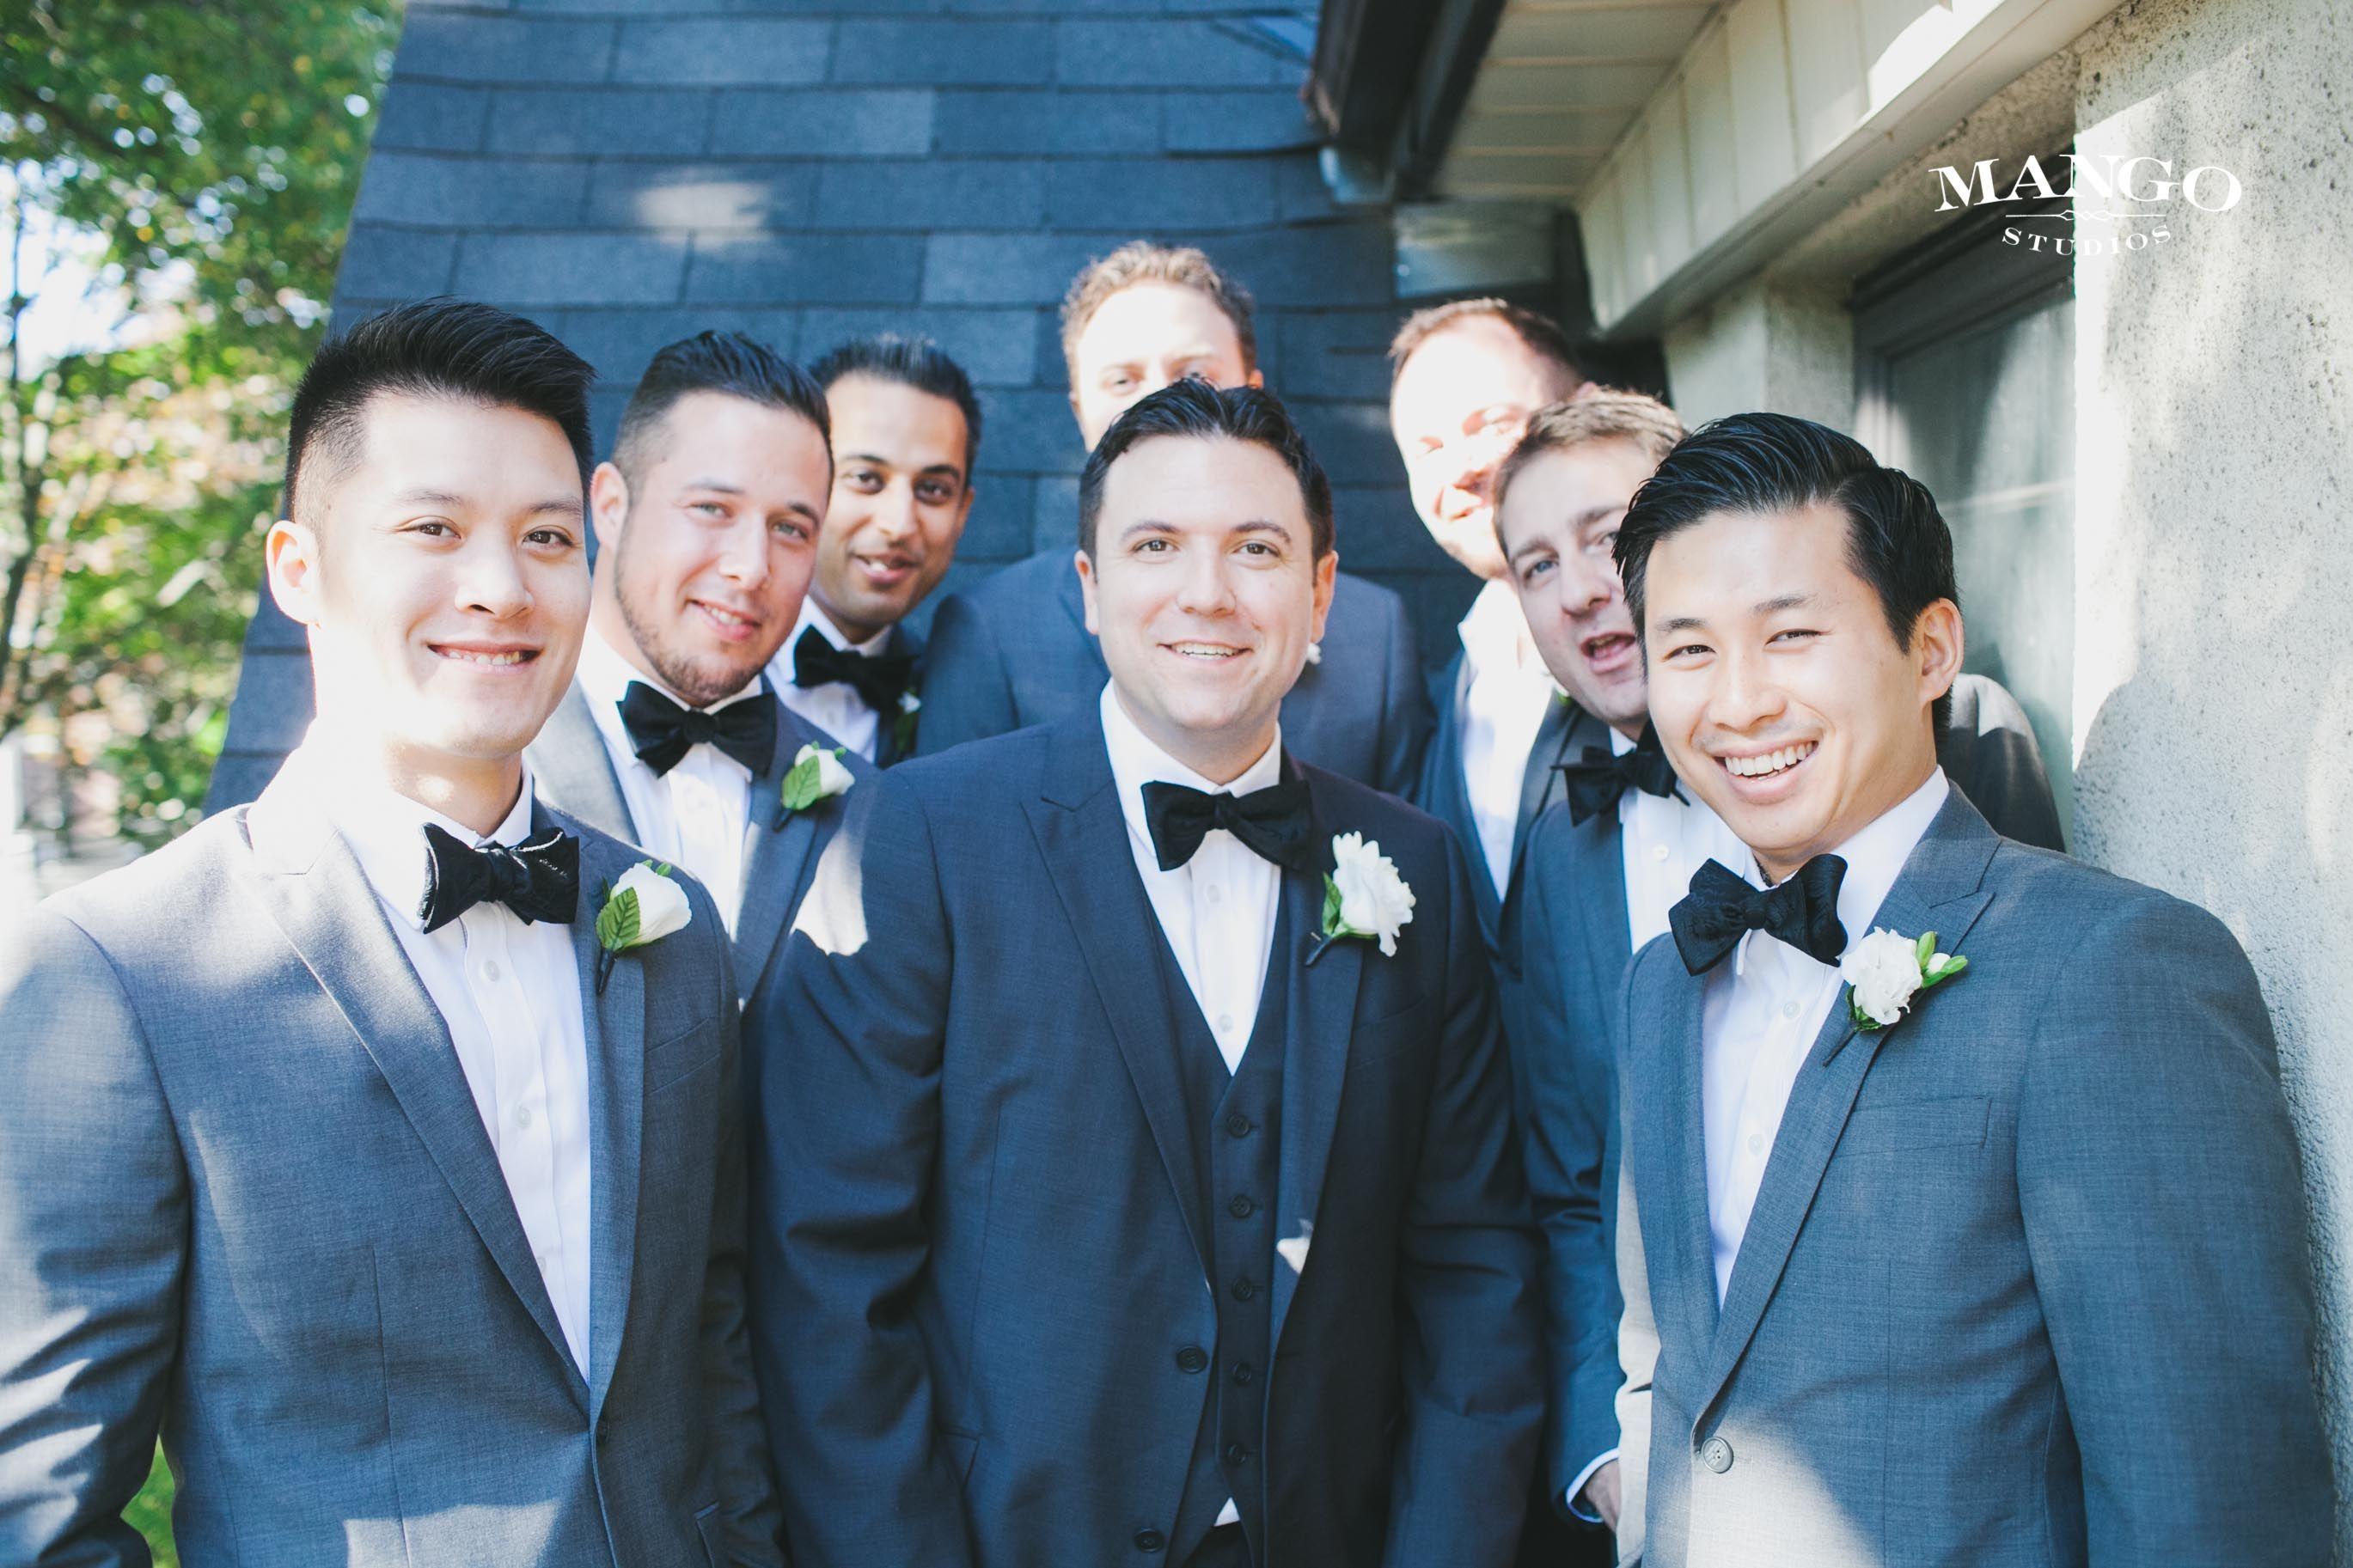 groom #groomsmen #weddings #summer #suits #bowtie #mangostudios ...